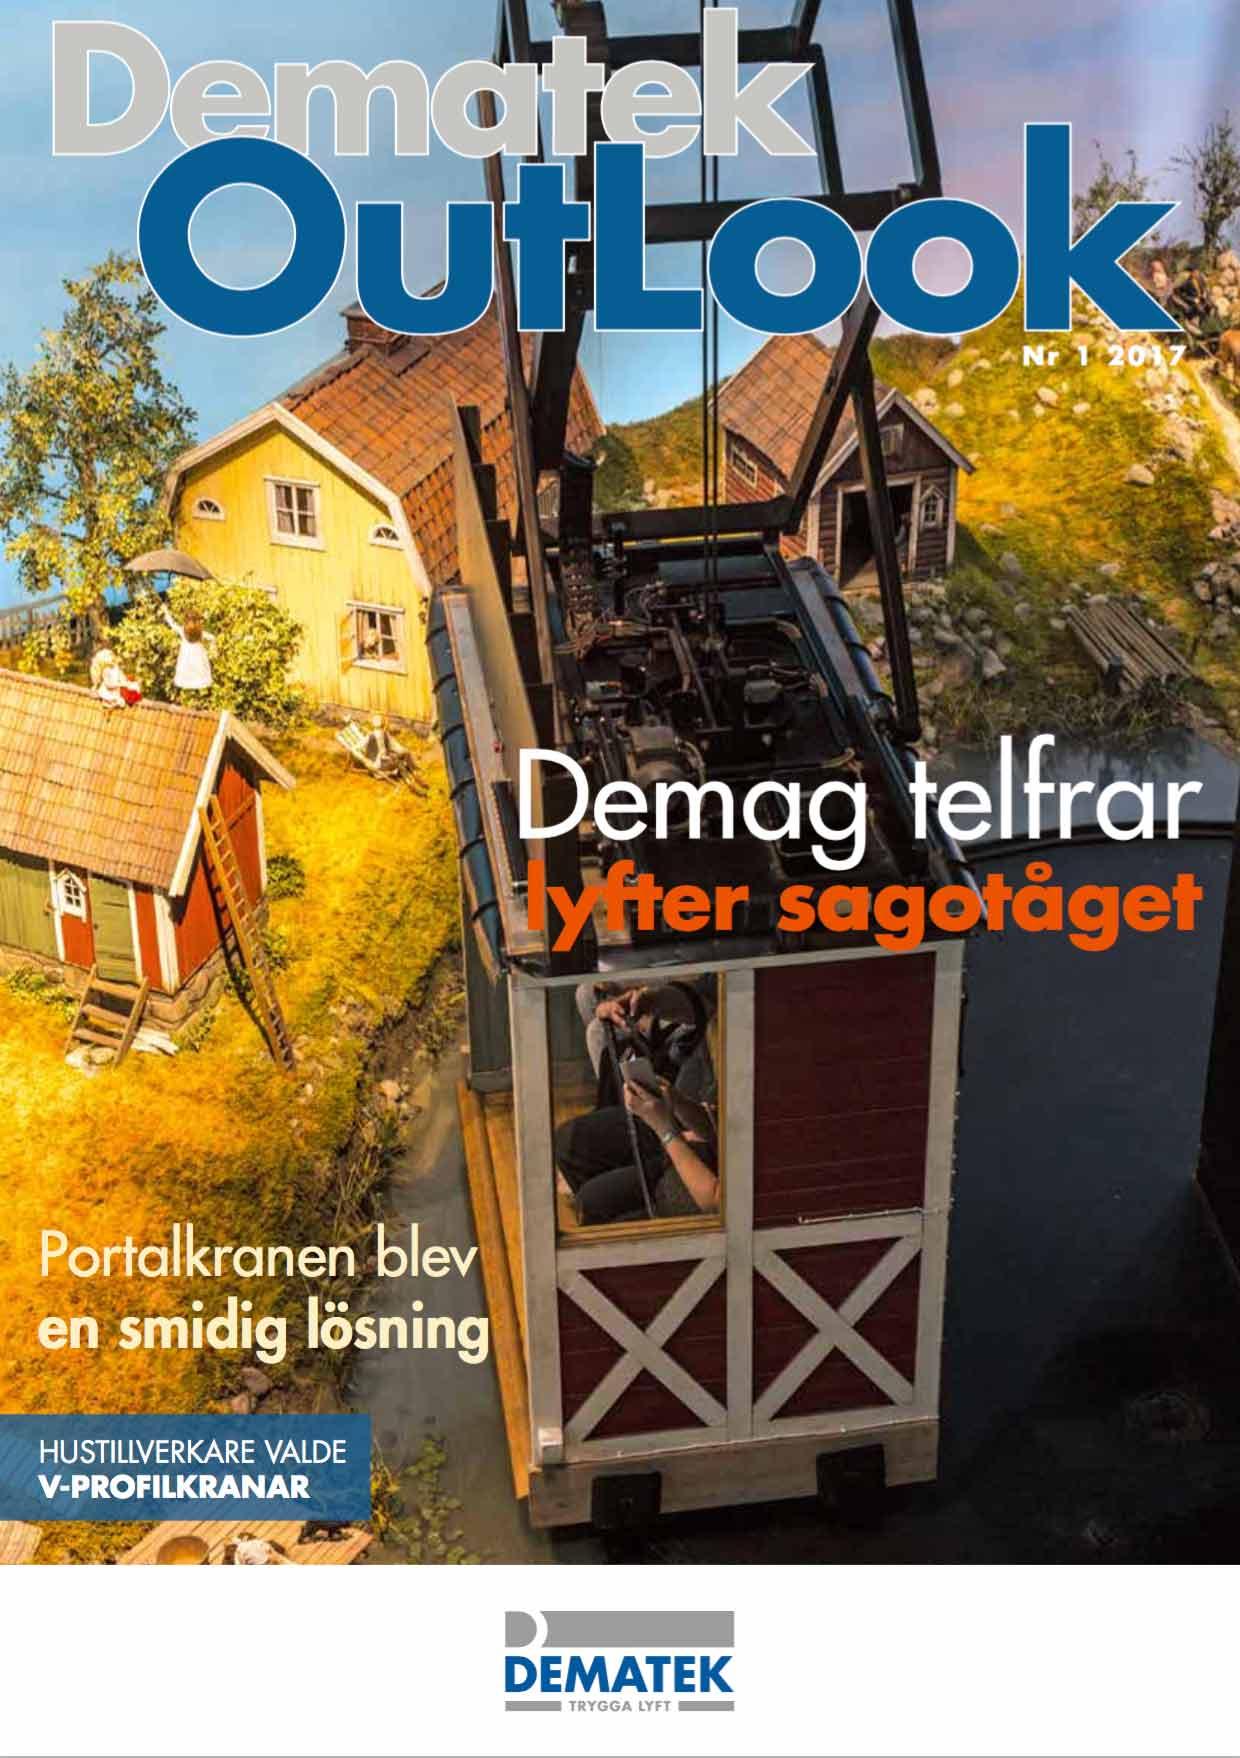 Dematek OutLook nr 1, 2017